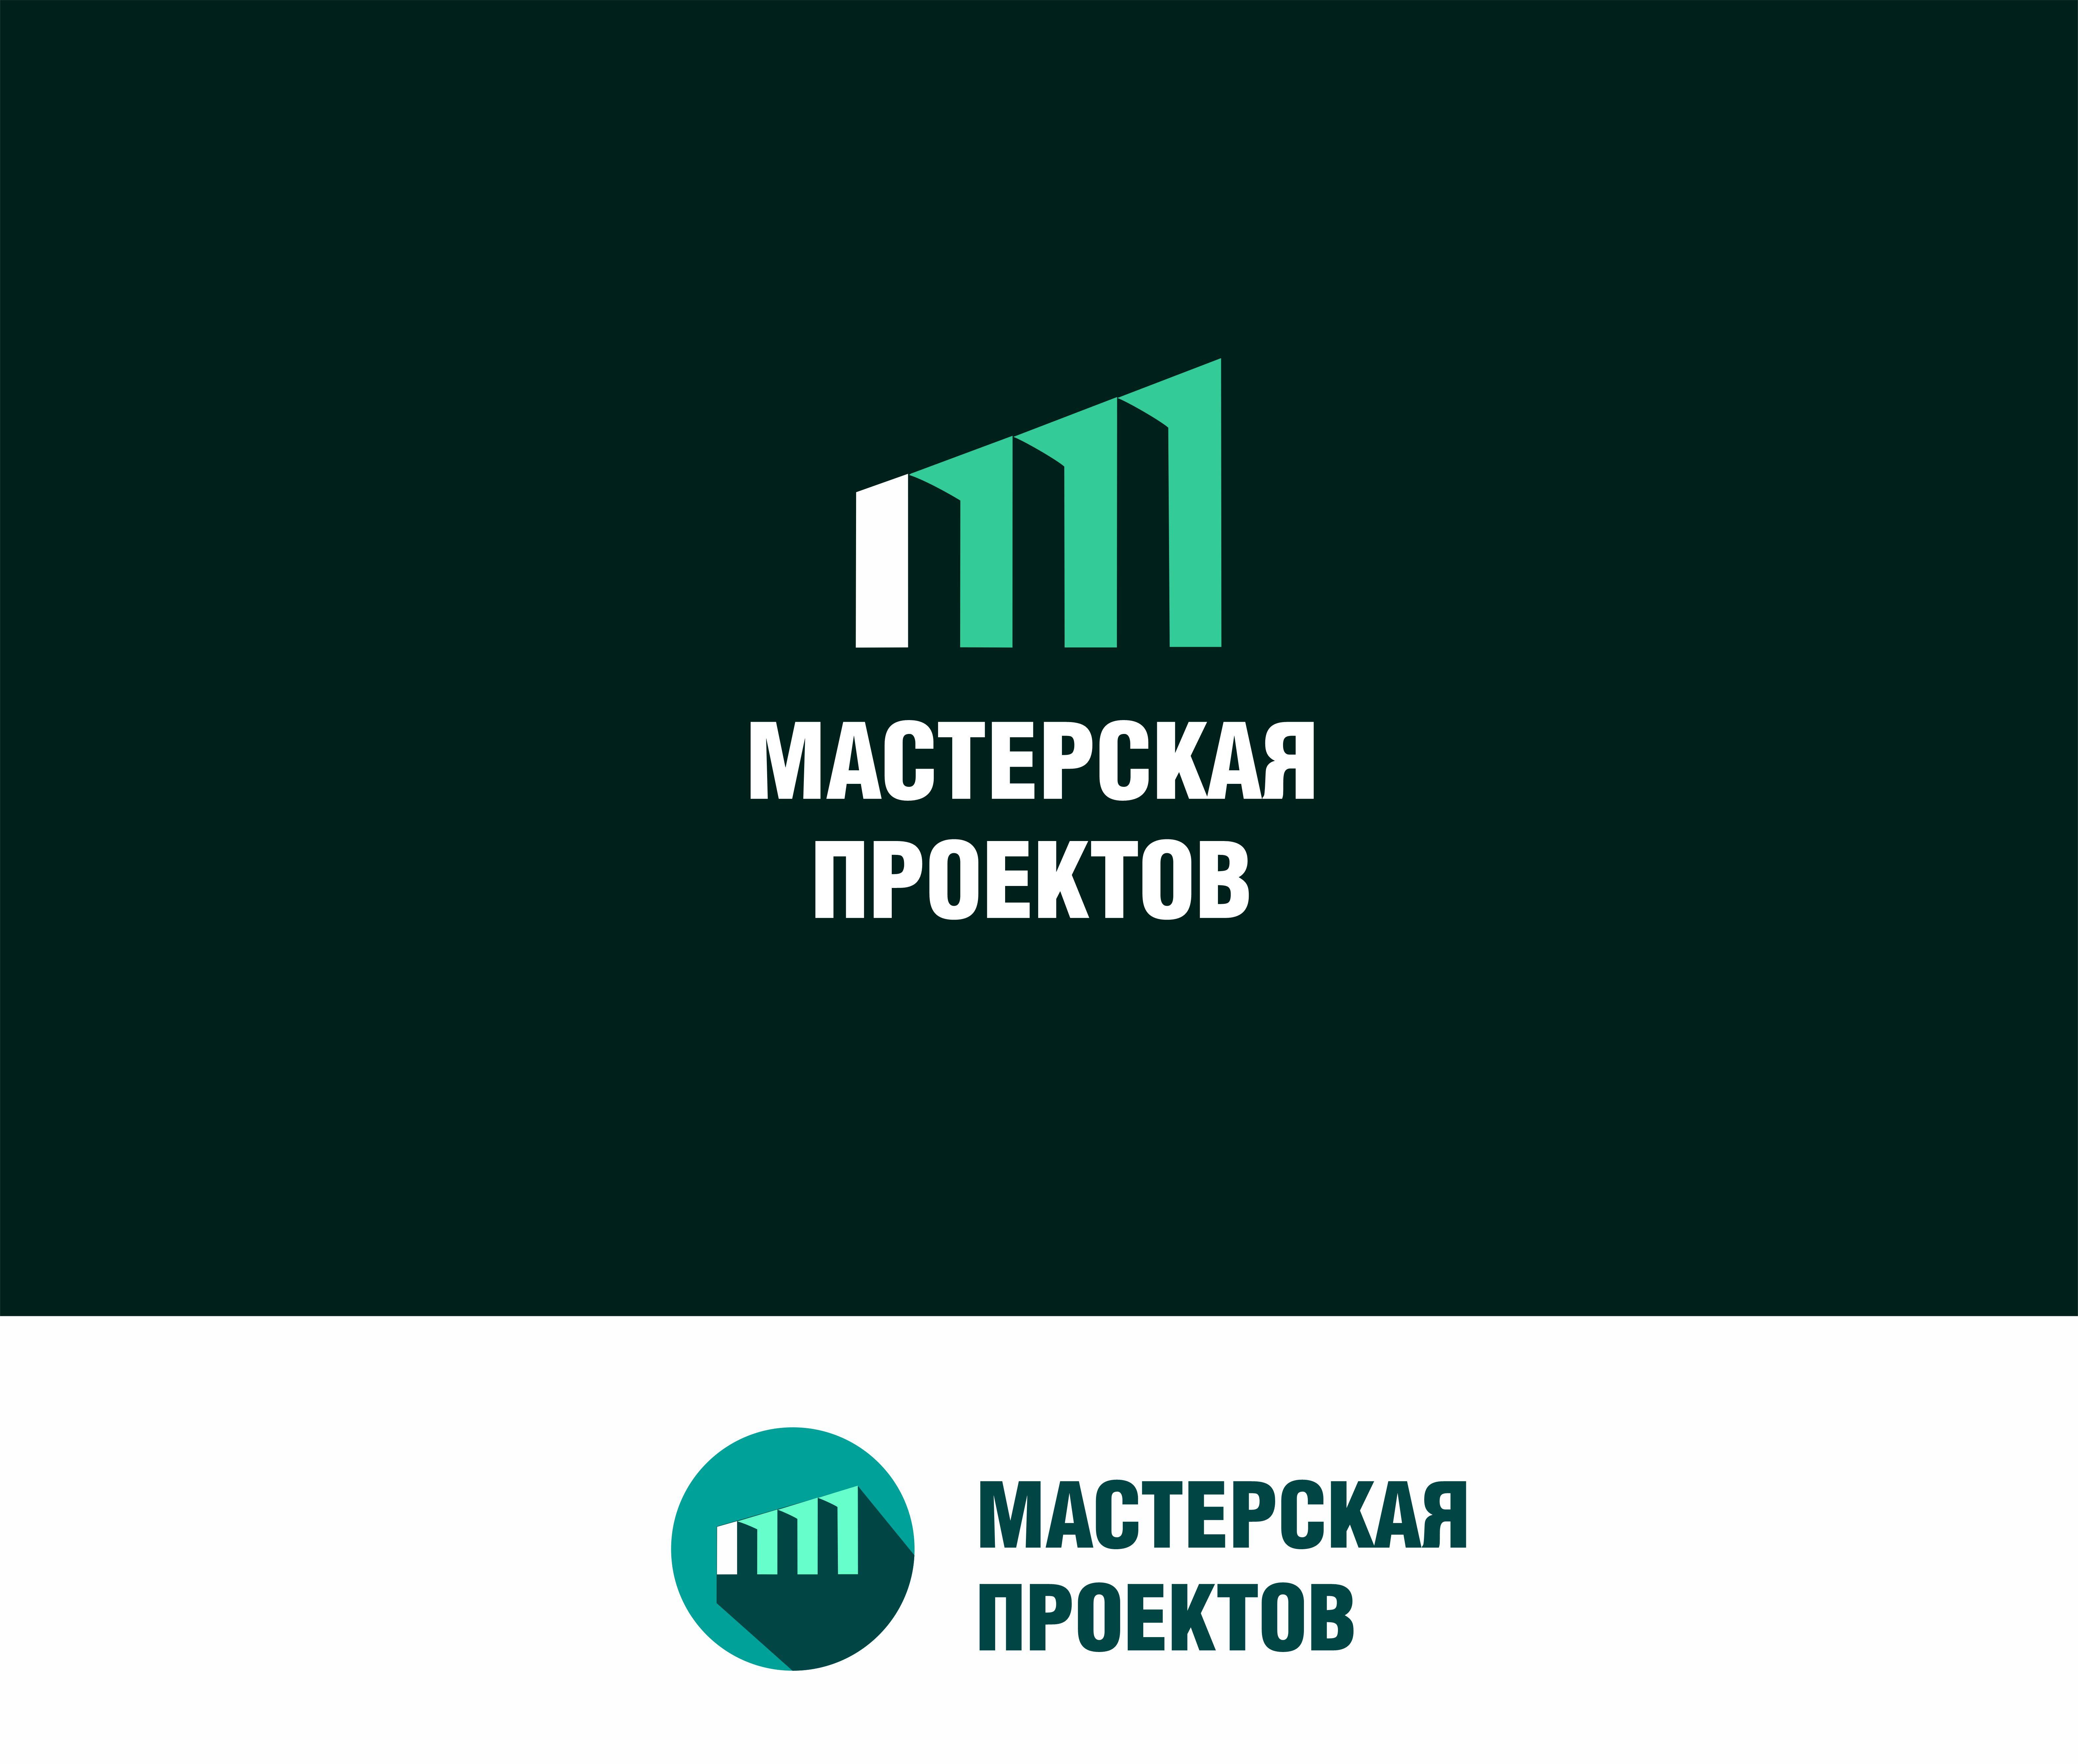 Разработка логотипа строительно-мебельного проекта (см. опис фото f_447606d6a64c274e.jpg